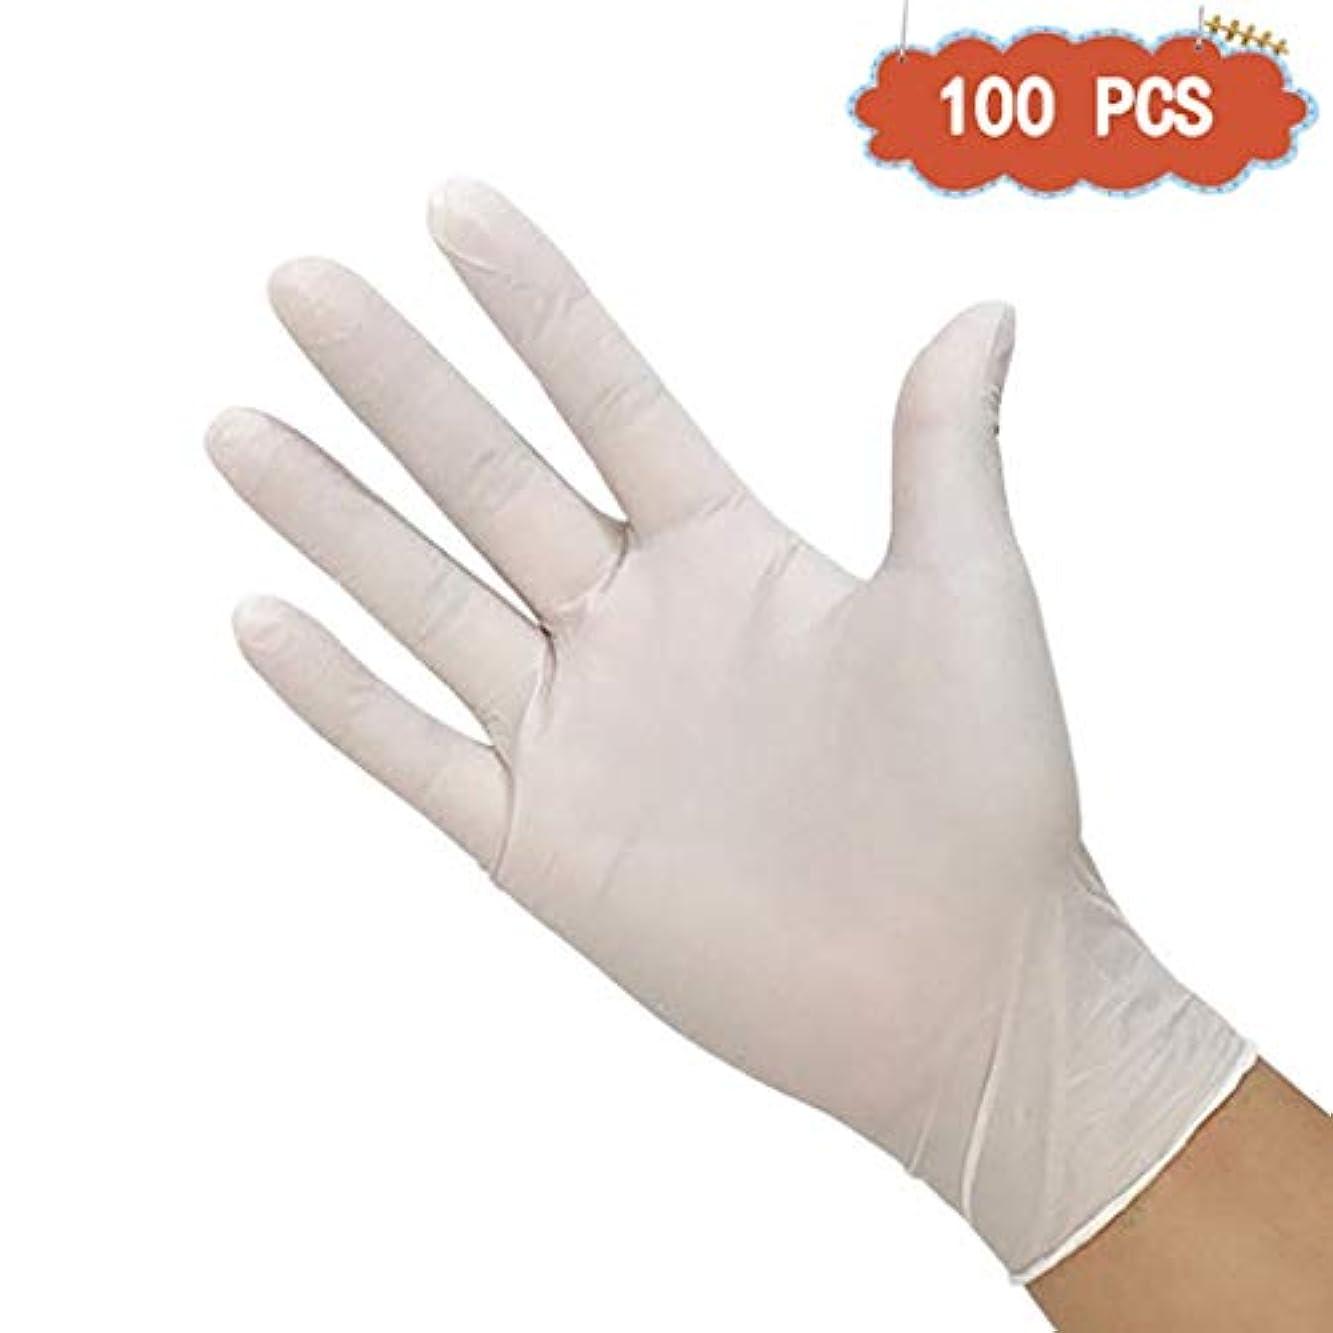 シリングまあ機械的にニトリルホームクリーニングと酸とアルカリ使い捨て手袋ペットケアネイルアート検査保護実験、ビューティーサロンラテックスフリー、パウダーフリー、両手利き、100個 (Size : M)